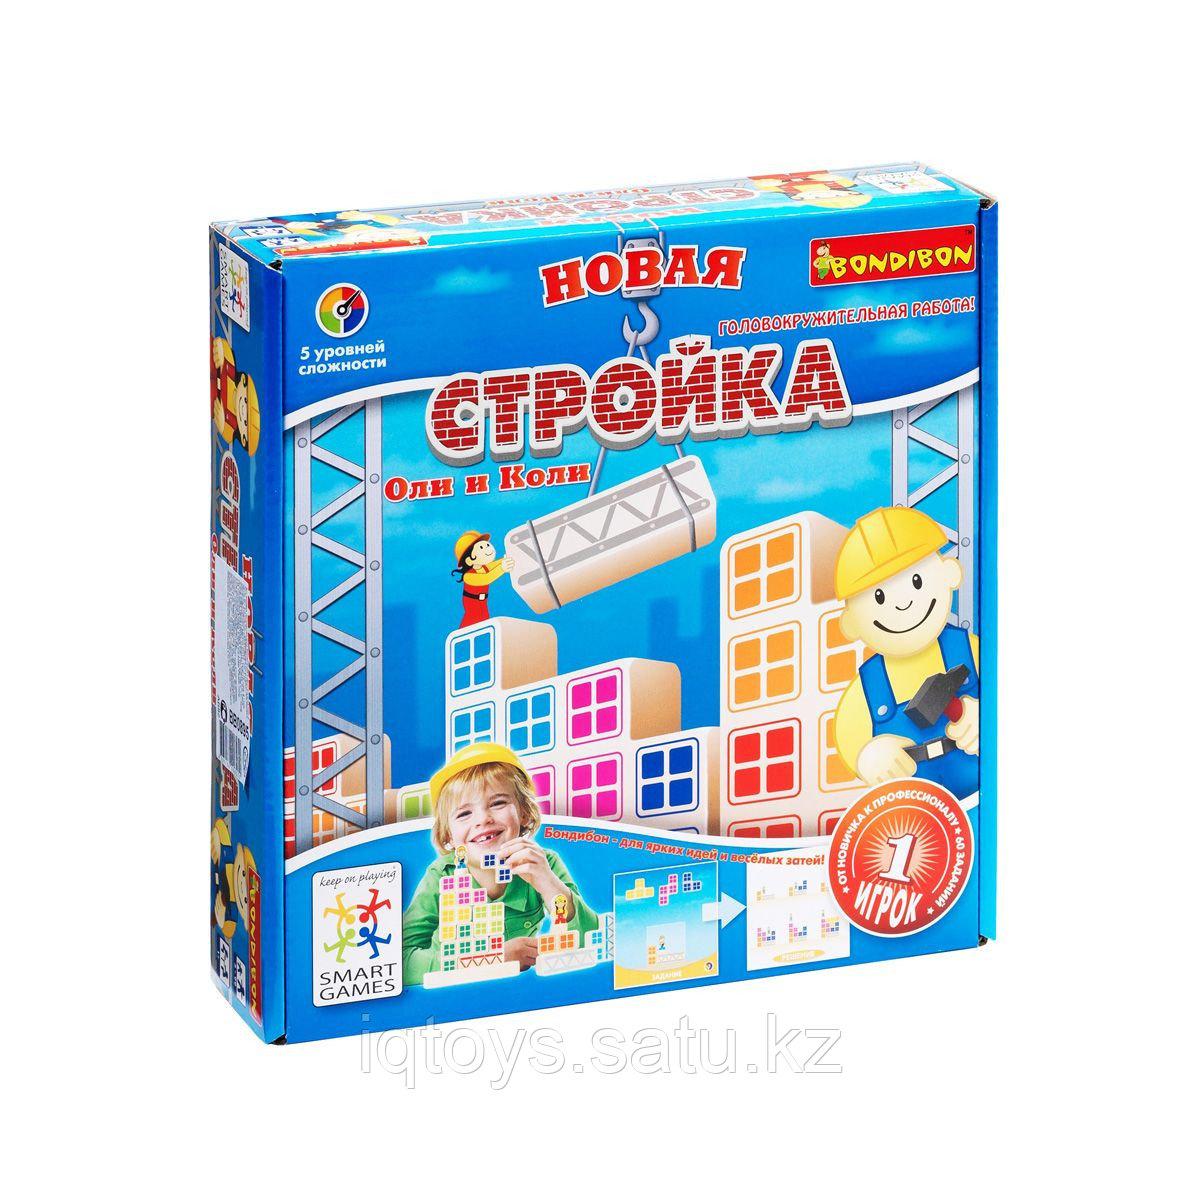 Новая стройка Оли и Коли - настольная игра-головоломка от компании Бондибон (Bondibon)